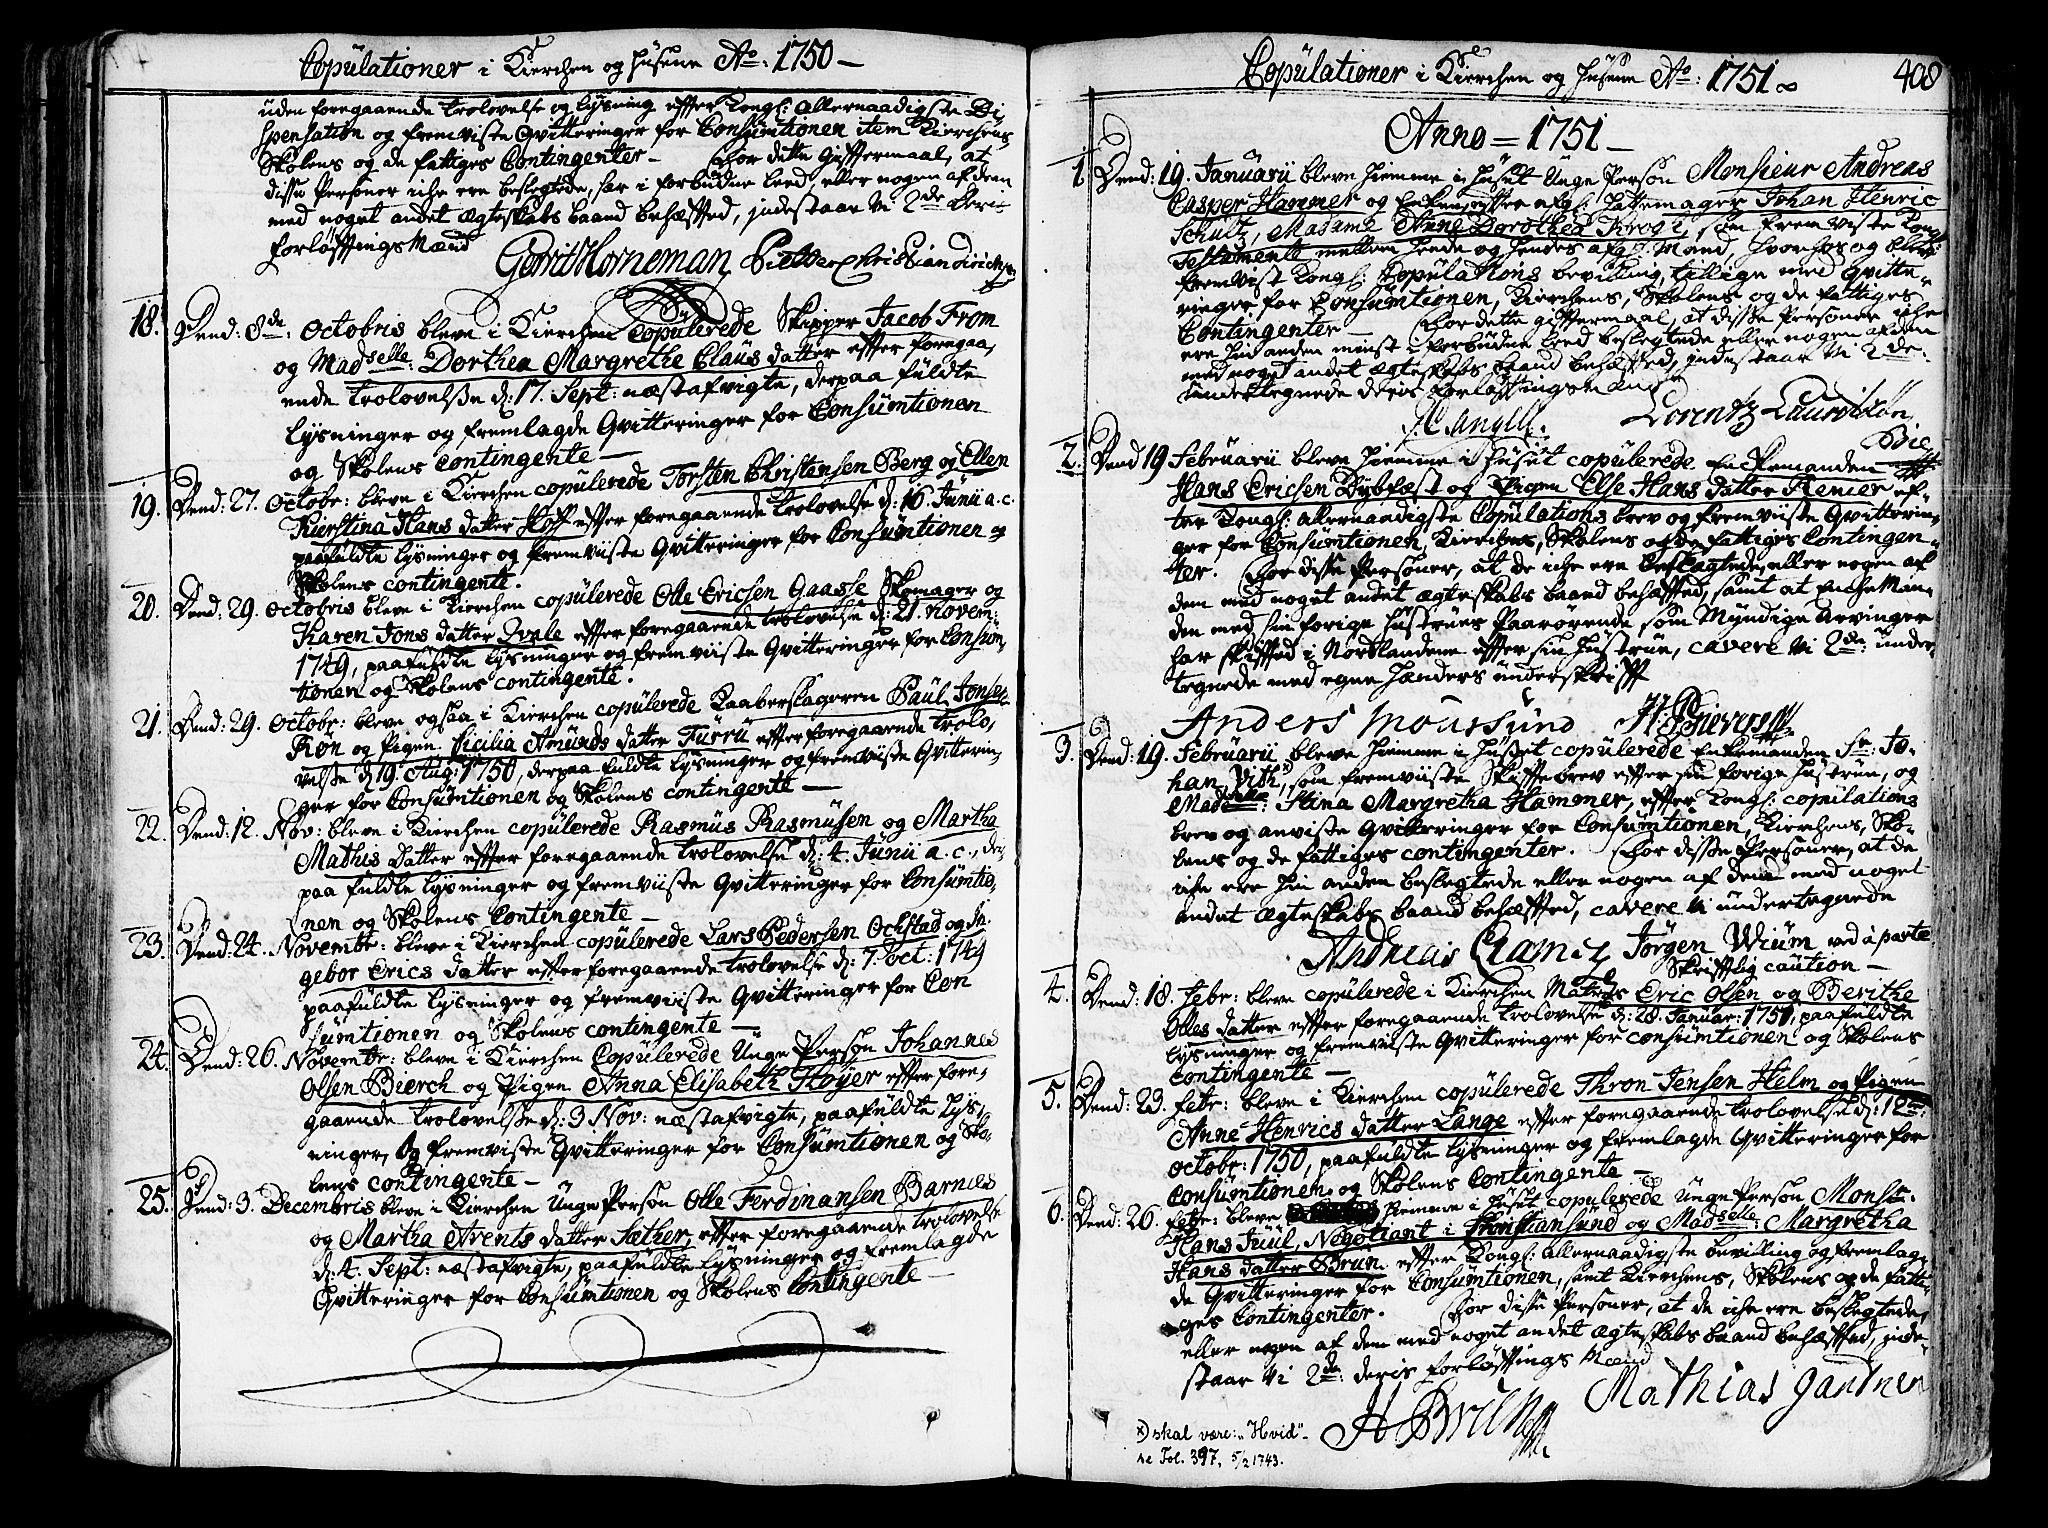 SAT, Ministerialprotokoller, klokkerbøker og fødselsregistre - Sør-Trøndelag, 602/L0103: Ministerialbok nr. 602A01, 1732-1774, s. 408